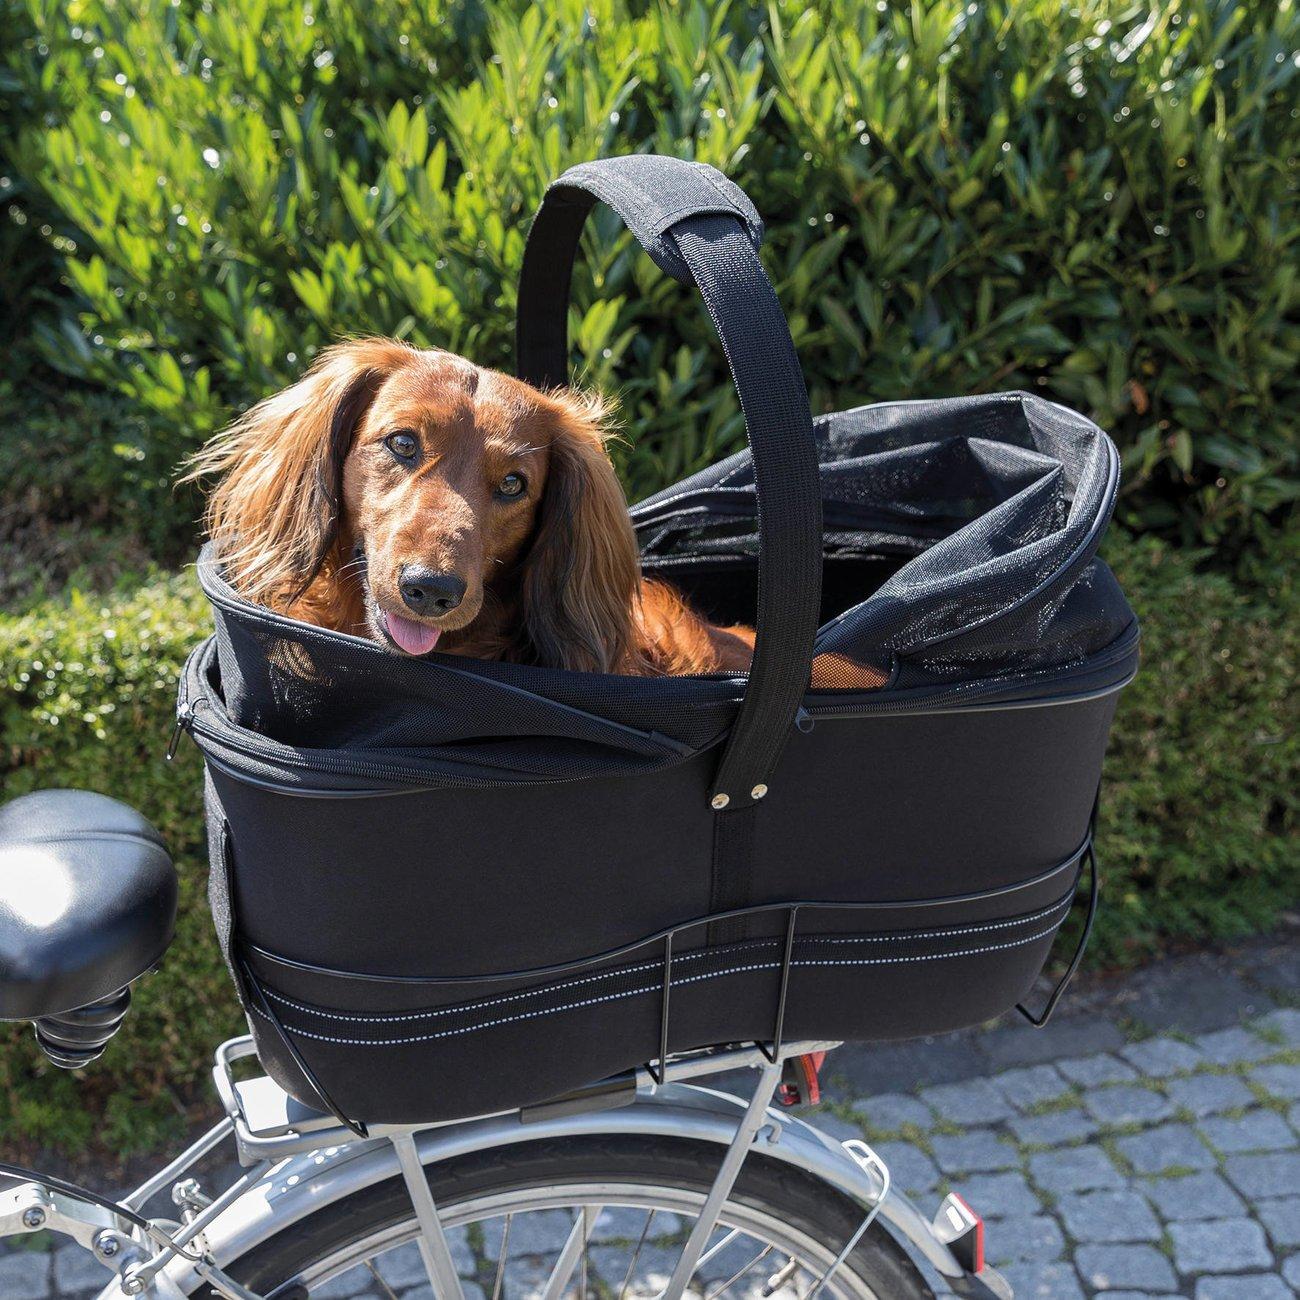 TRIXIE Hunde Fahrradkorb Long für breite Gepäckträger 13110, Bild 8